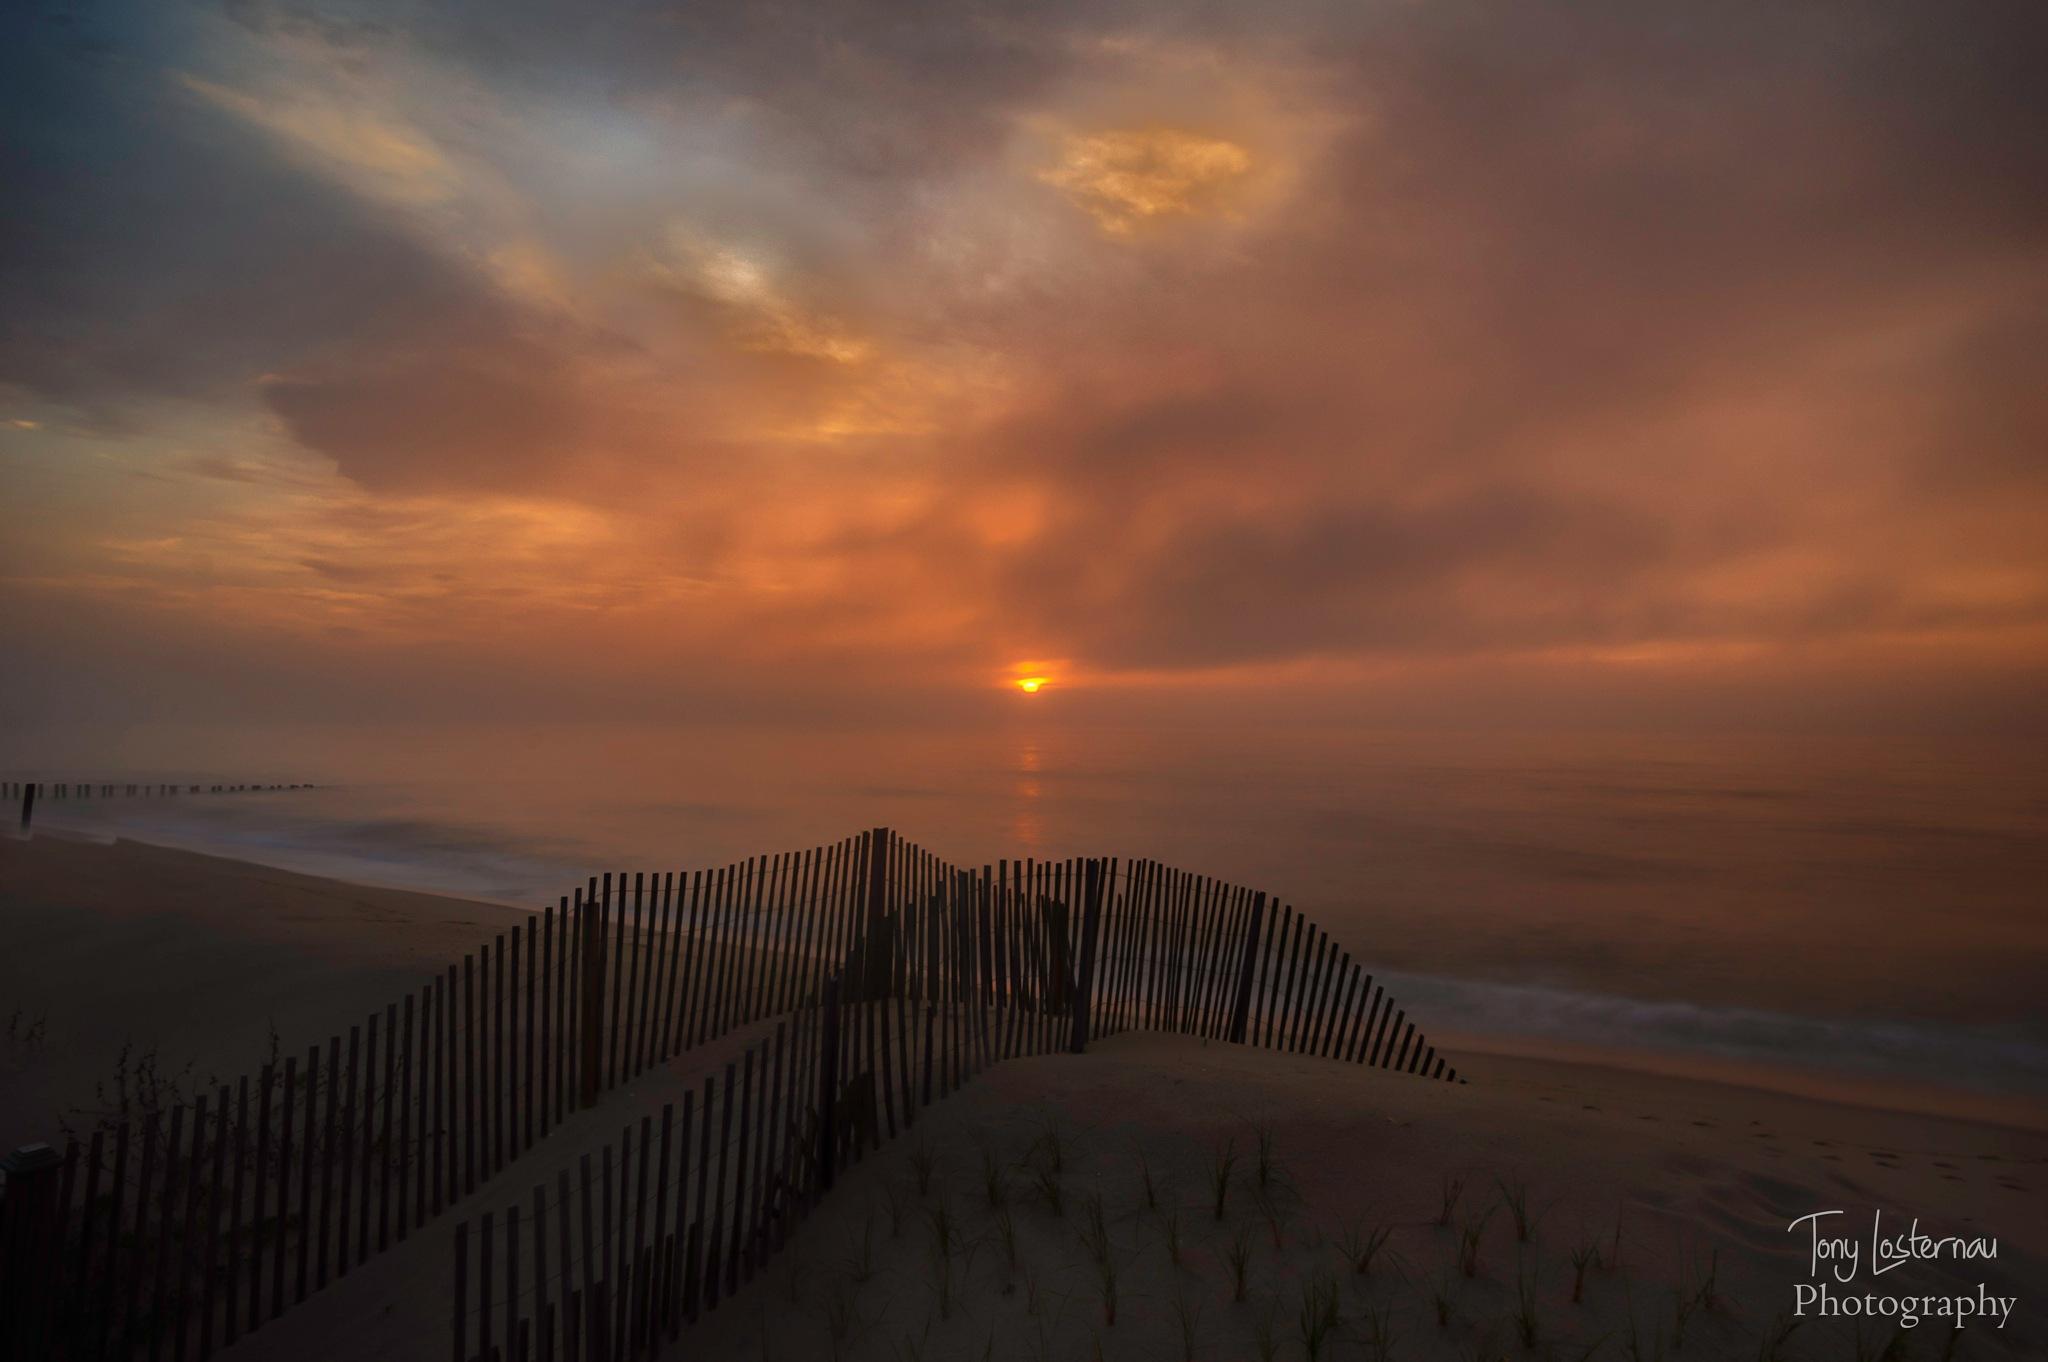 Among the mist by kyzerzoze